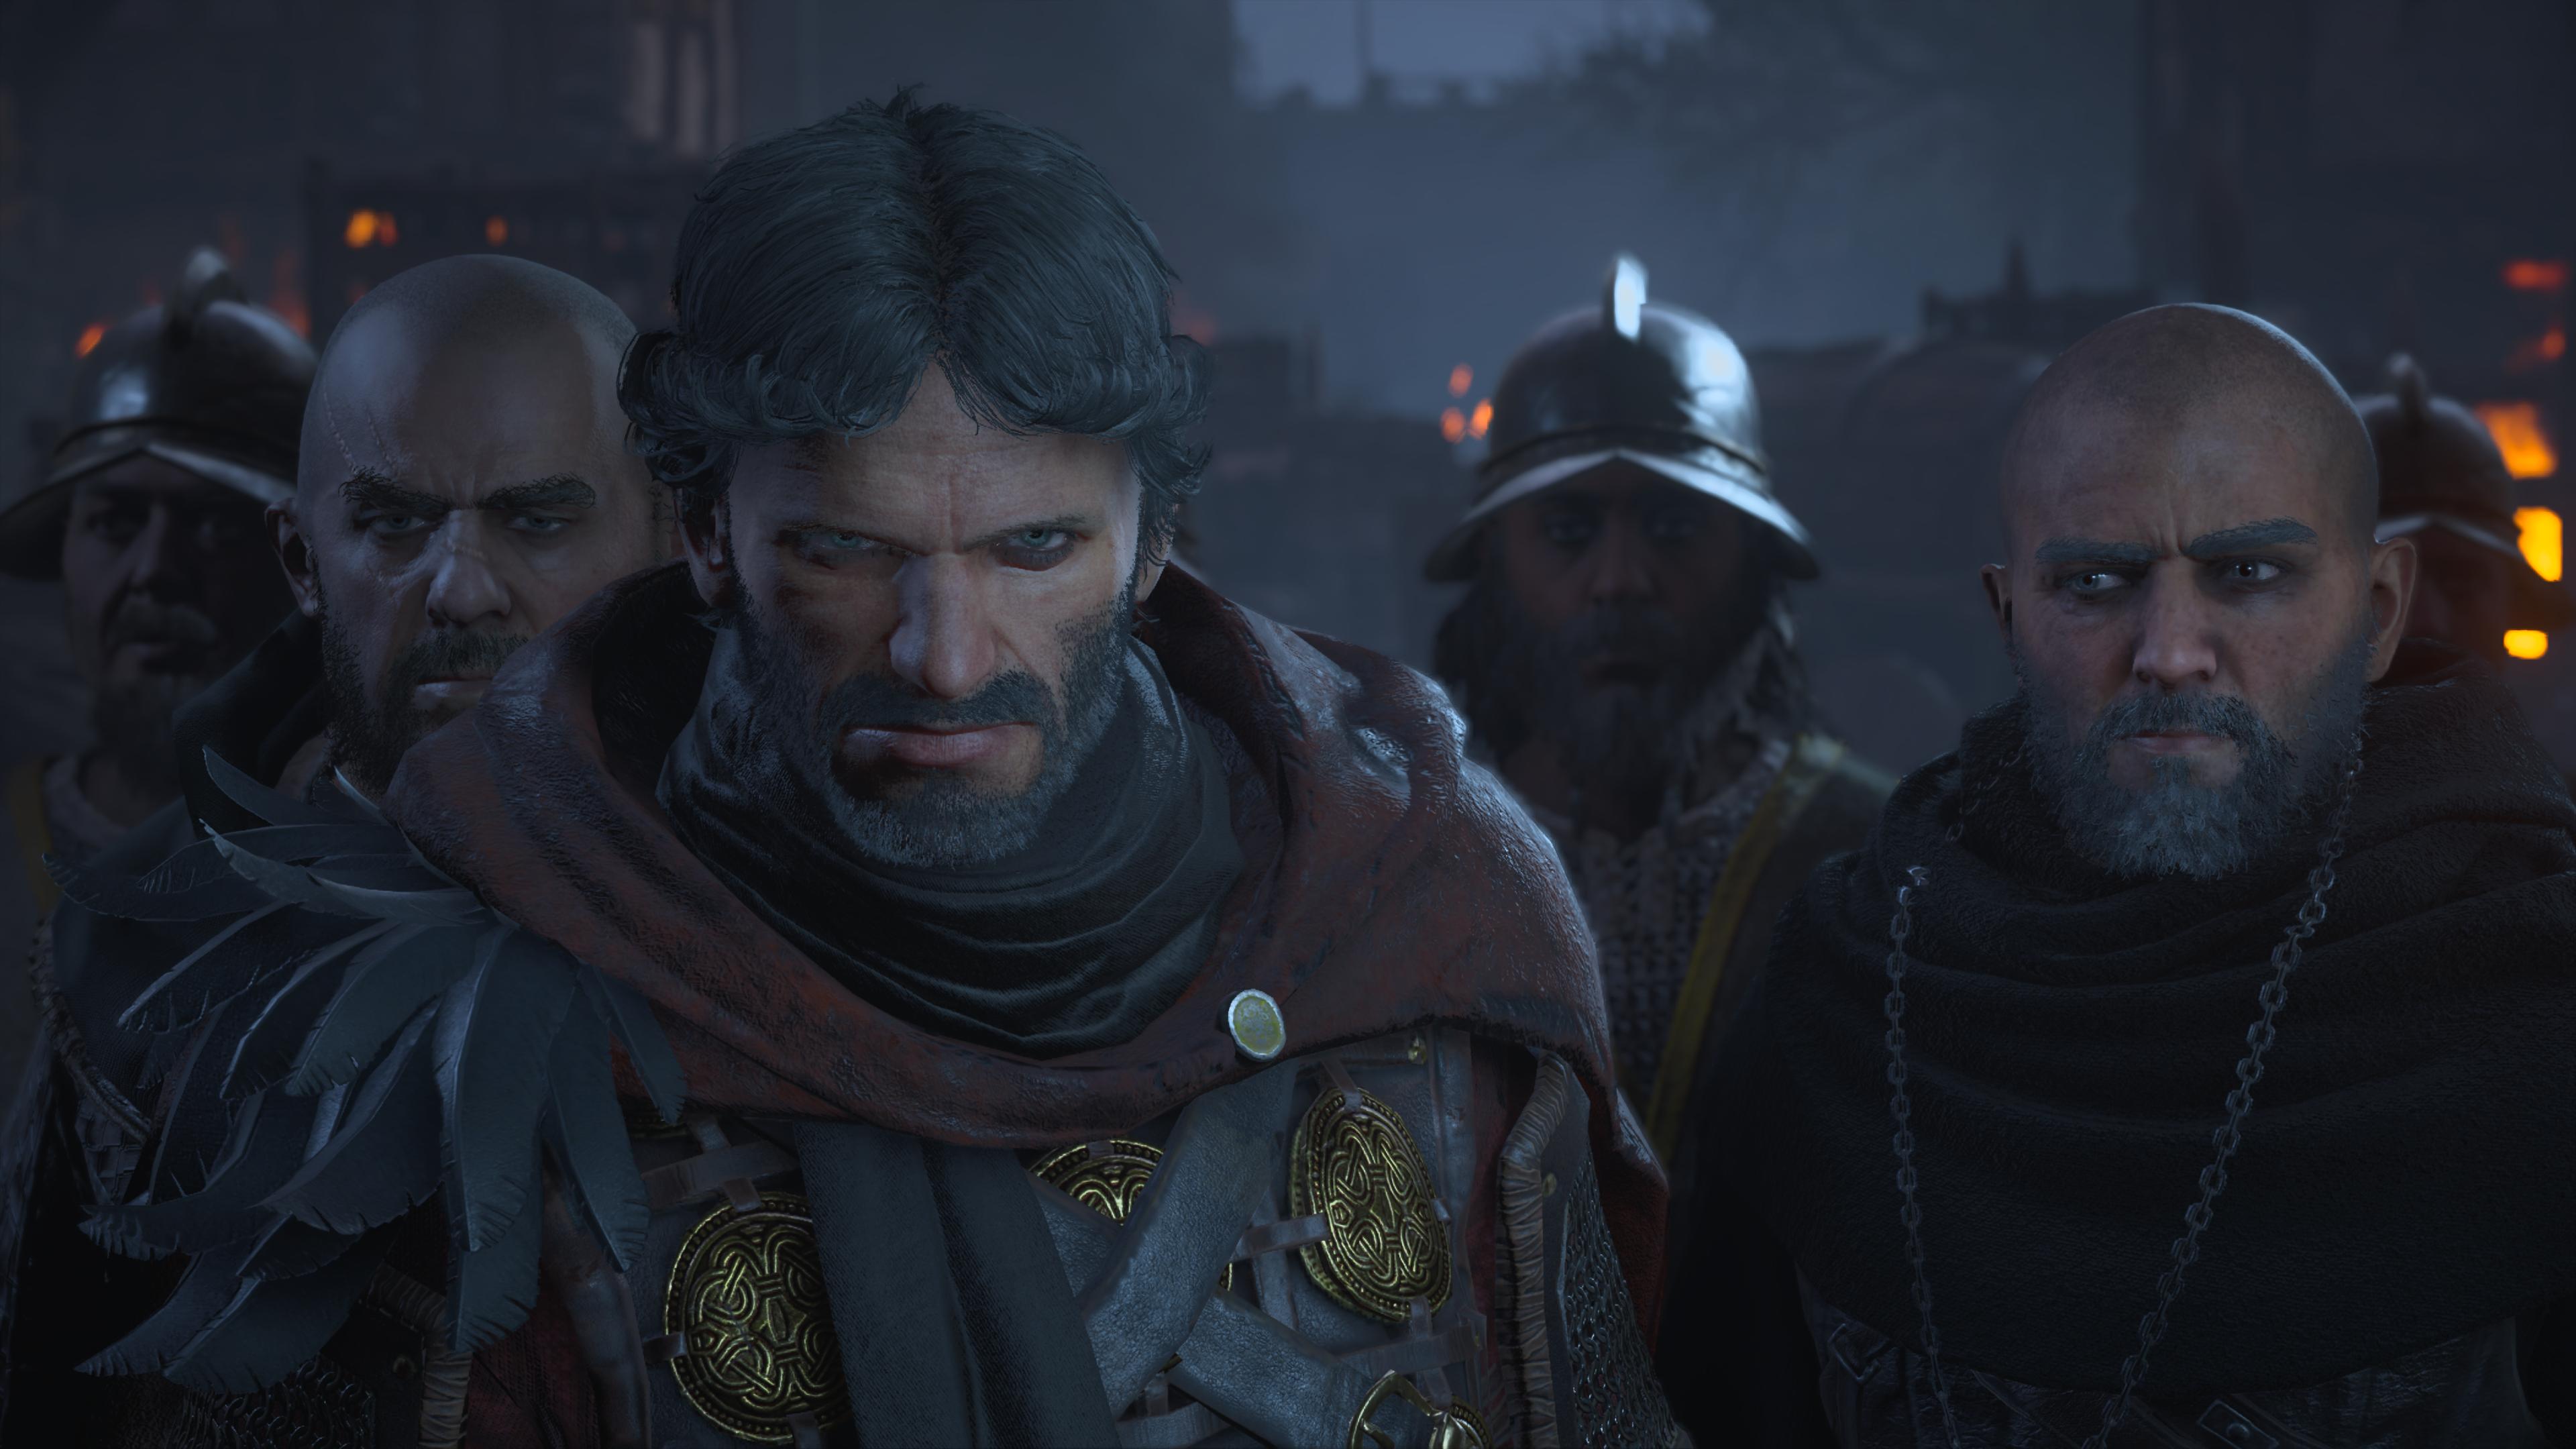 Les nobles de la cité de Paris ne voient pas d'un bon oeil cette invasion de ces barbares du Nord